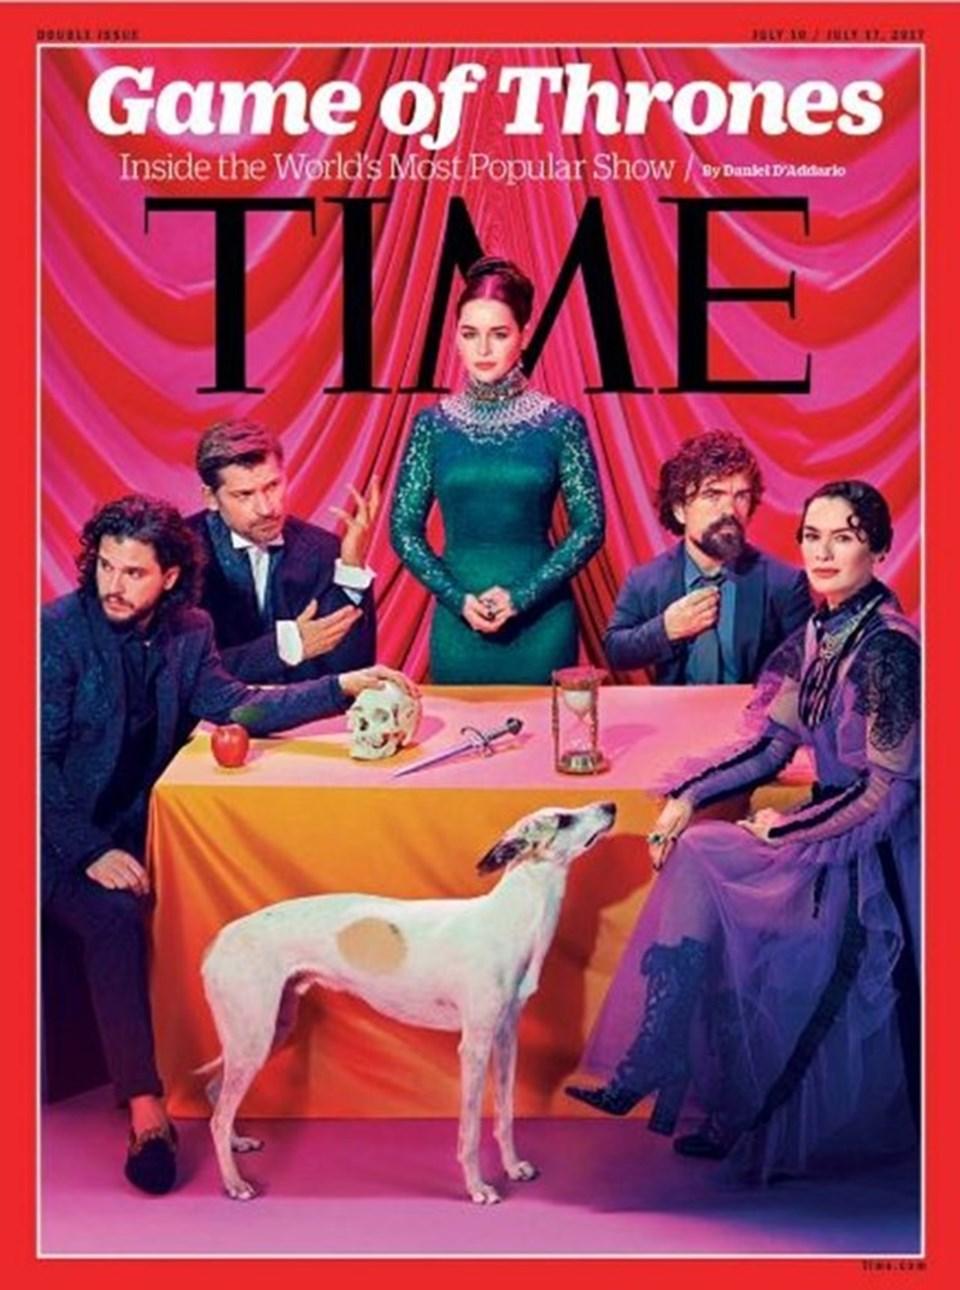 Dilara Fındıkoğlu, dizideCersei Lannister'ı canlandıranLena Headey'in (en sağdaki) kıyafetini tasarladı.